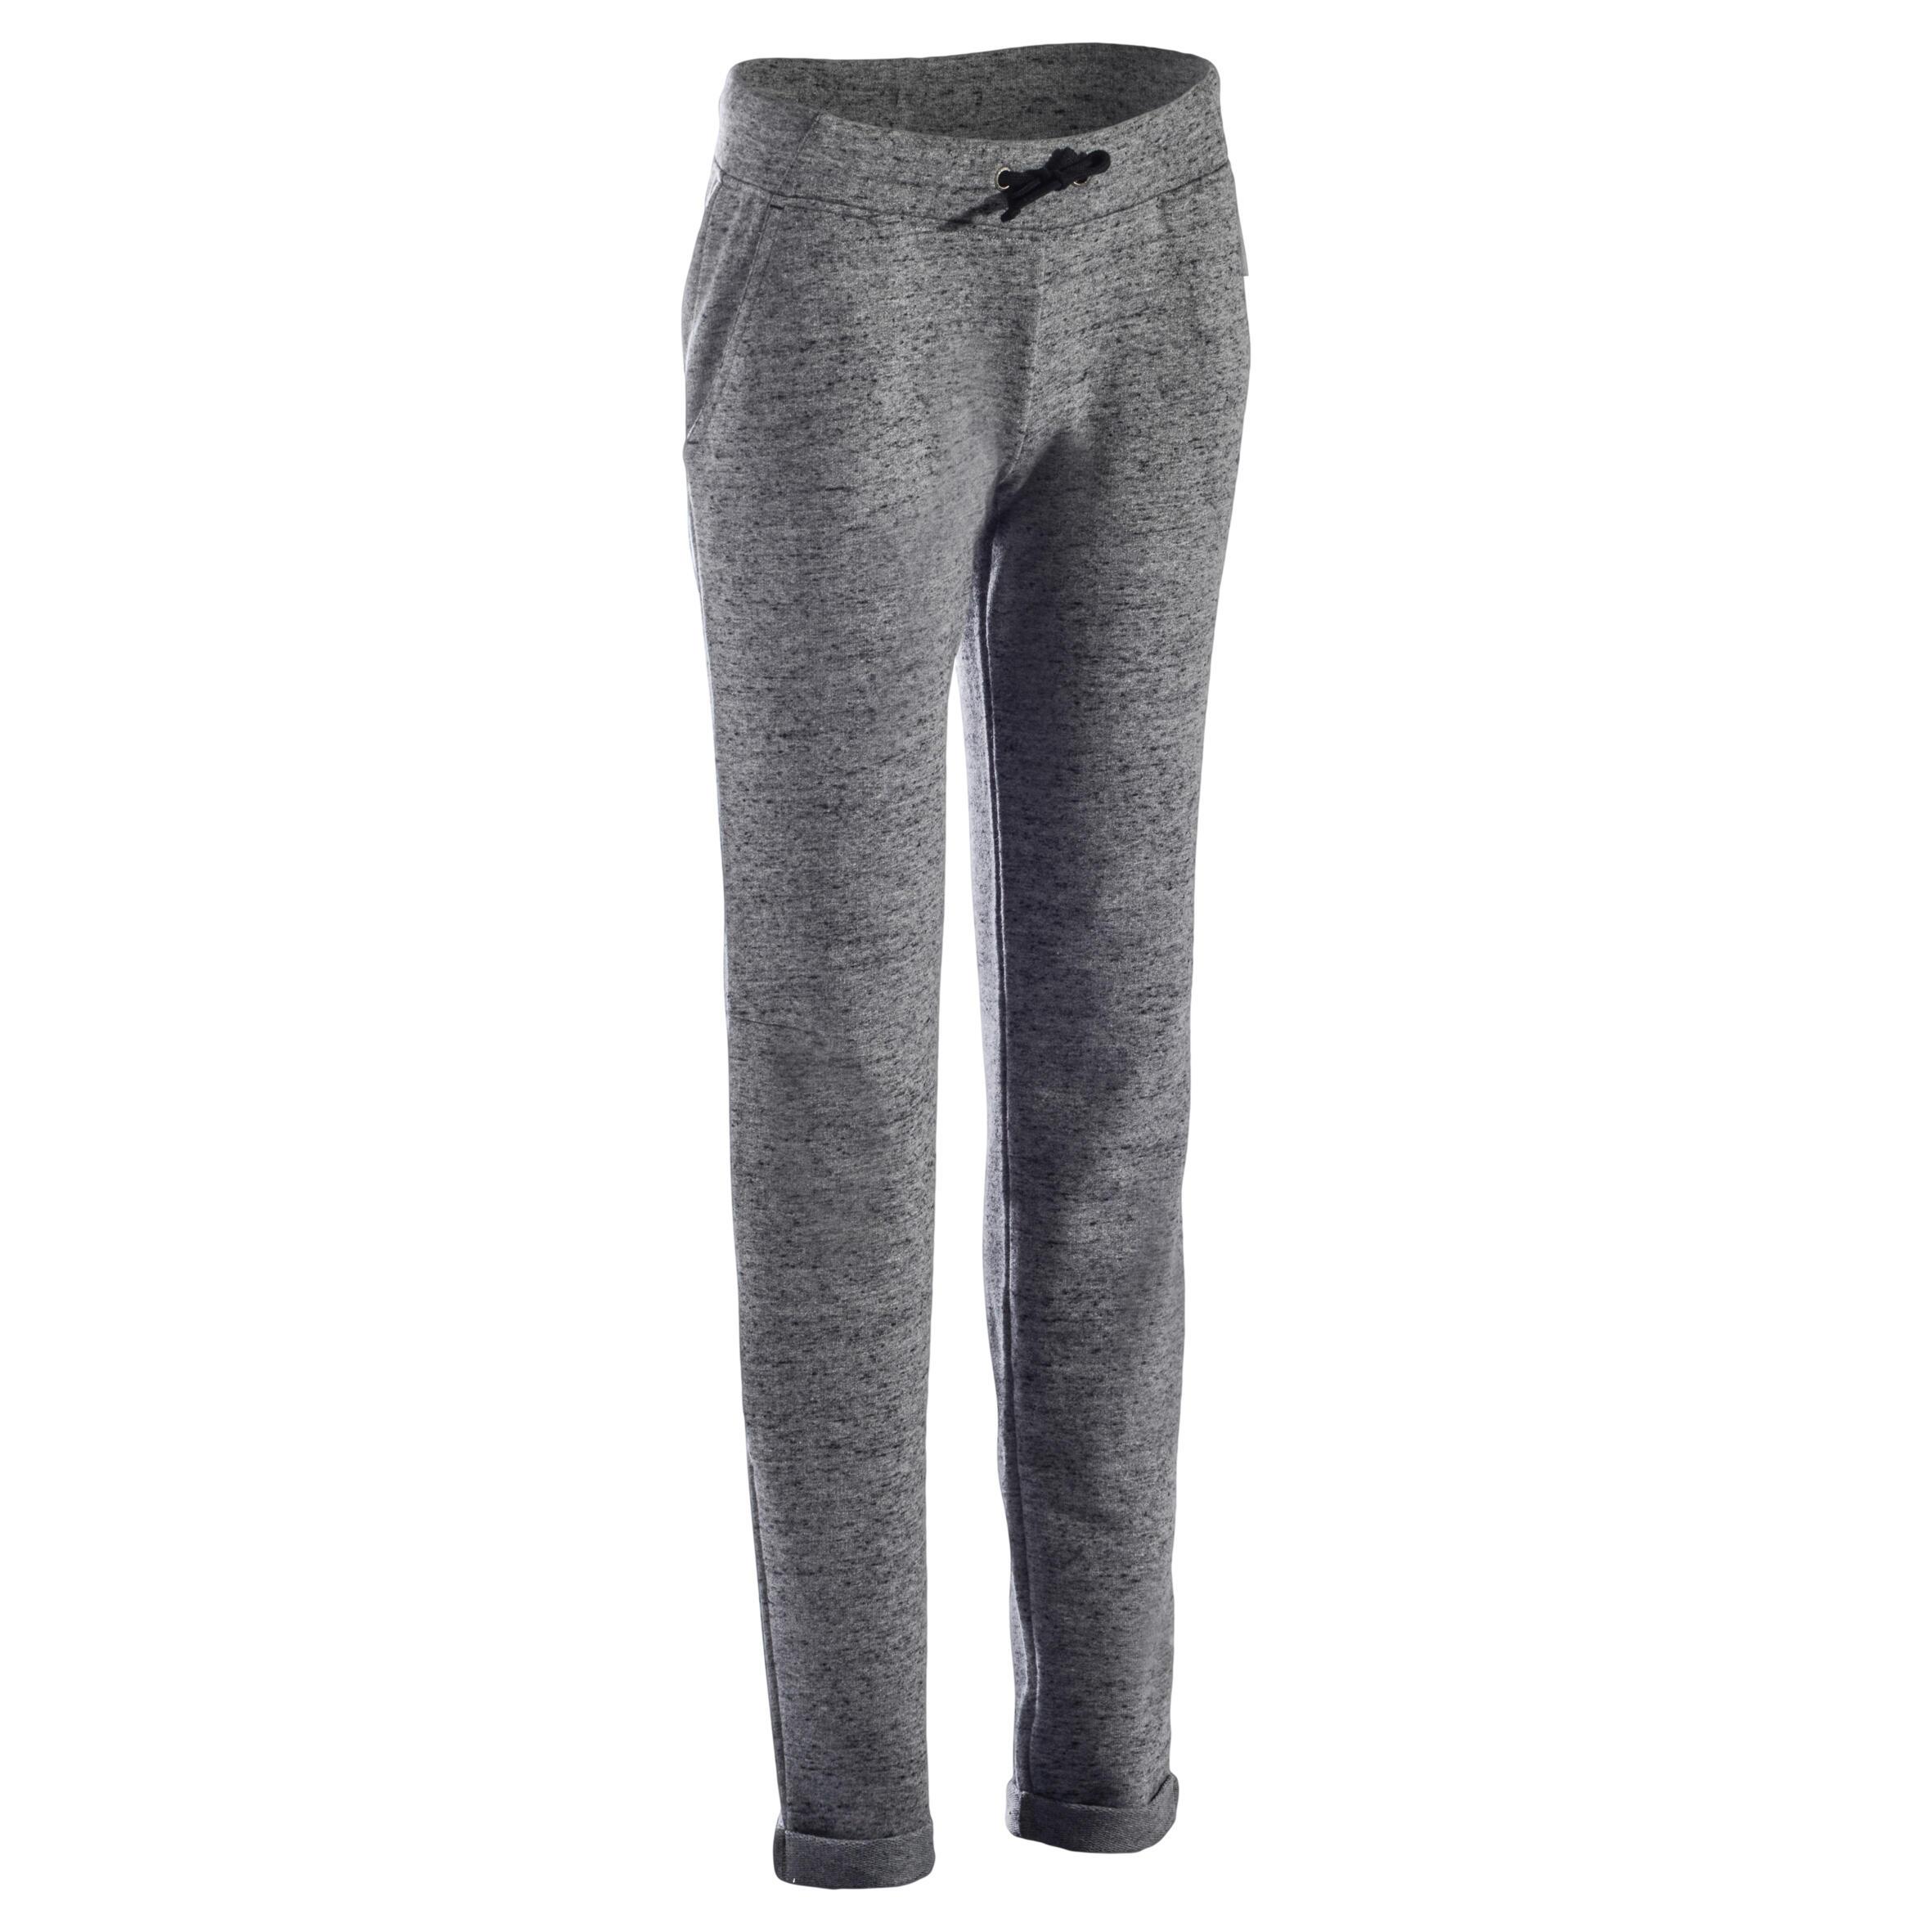 Pantalon 500 mince Gymnastique extensibles femme gris chiné moucheté